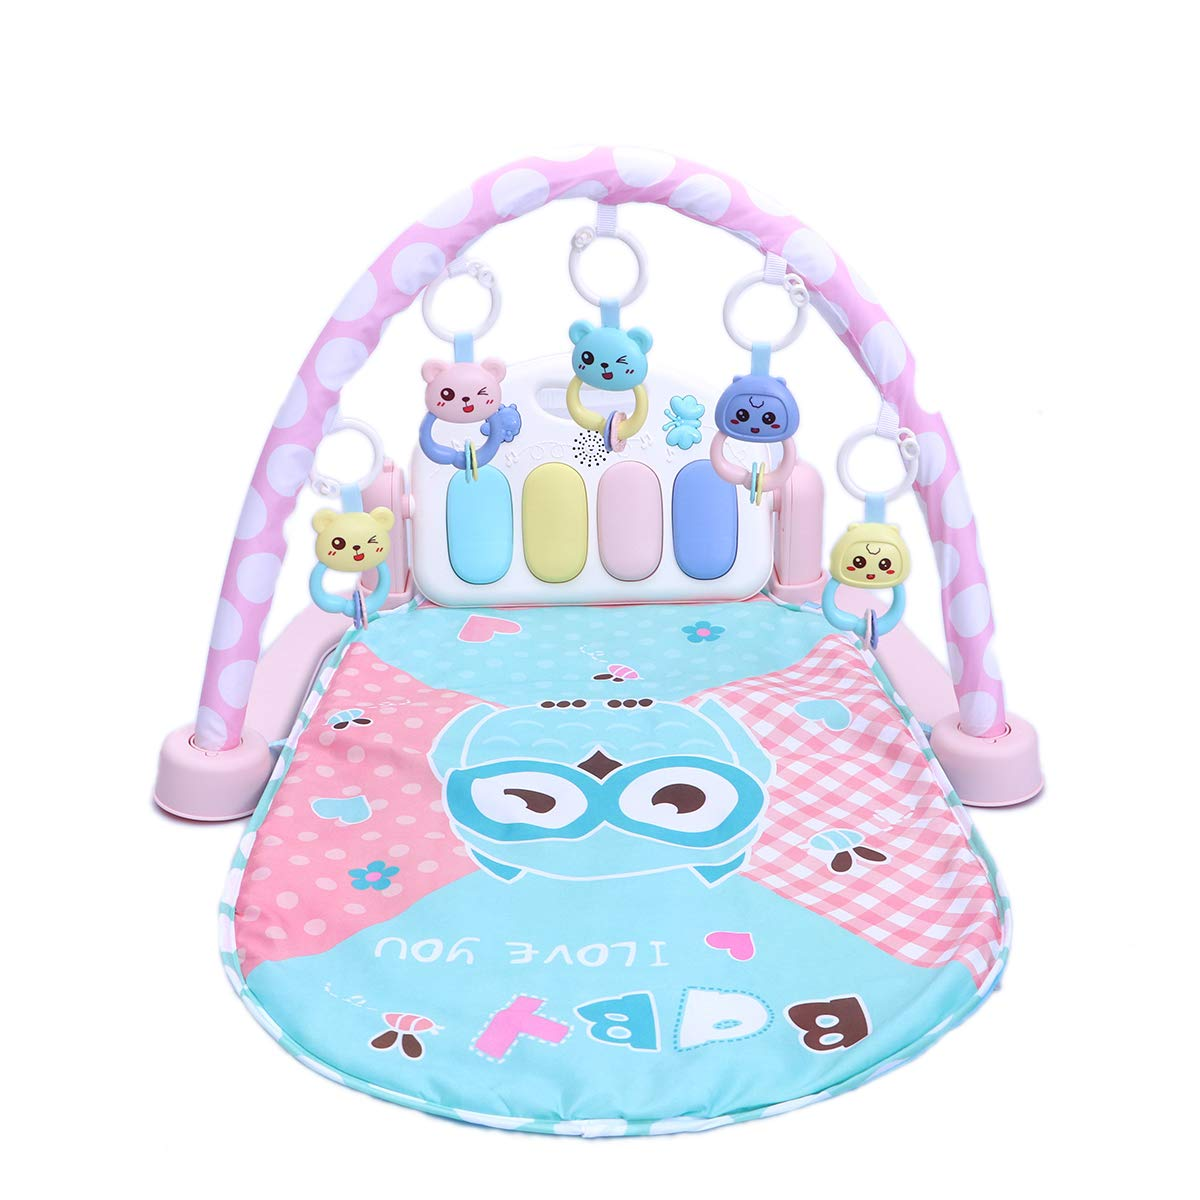 Con 100% de calidad y servicio de% 100. STOBOK Cartoon Baby Toddler Piano Gym Mat Fitness Manta Actividad Actividad Actividad Suave Estera de Juego Light Up Rattles Juguetes de Aprendizaje Musical (con Control Remoto versión/Rosa)  marcas en línea venta barata